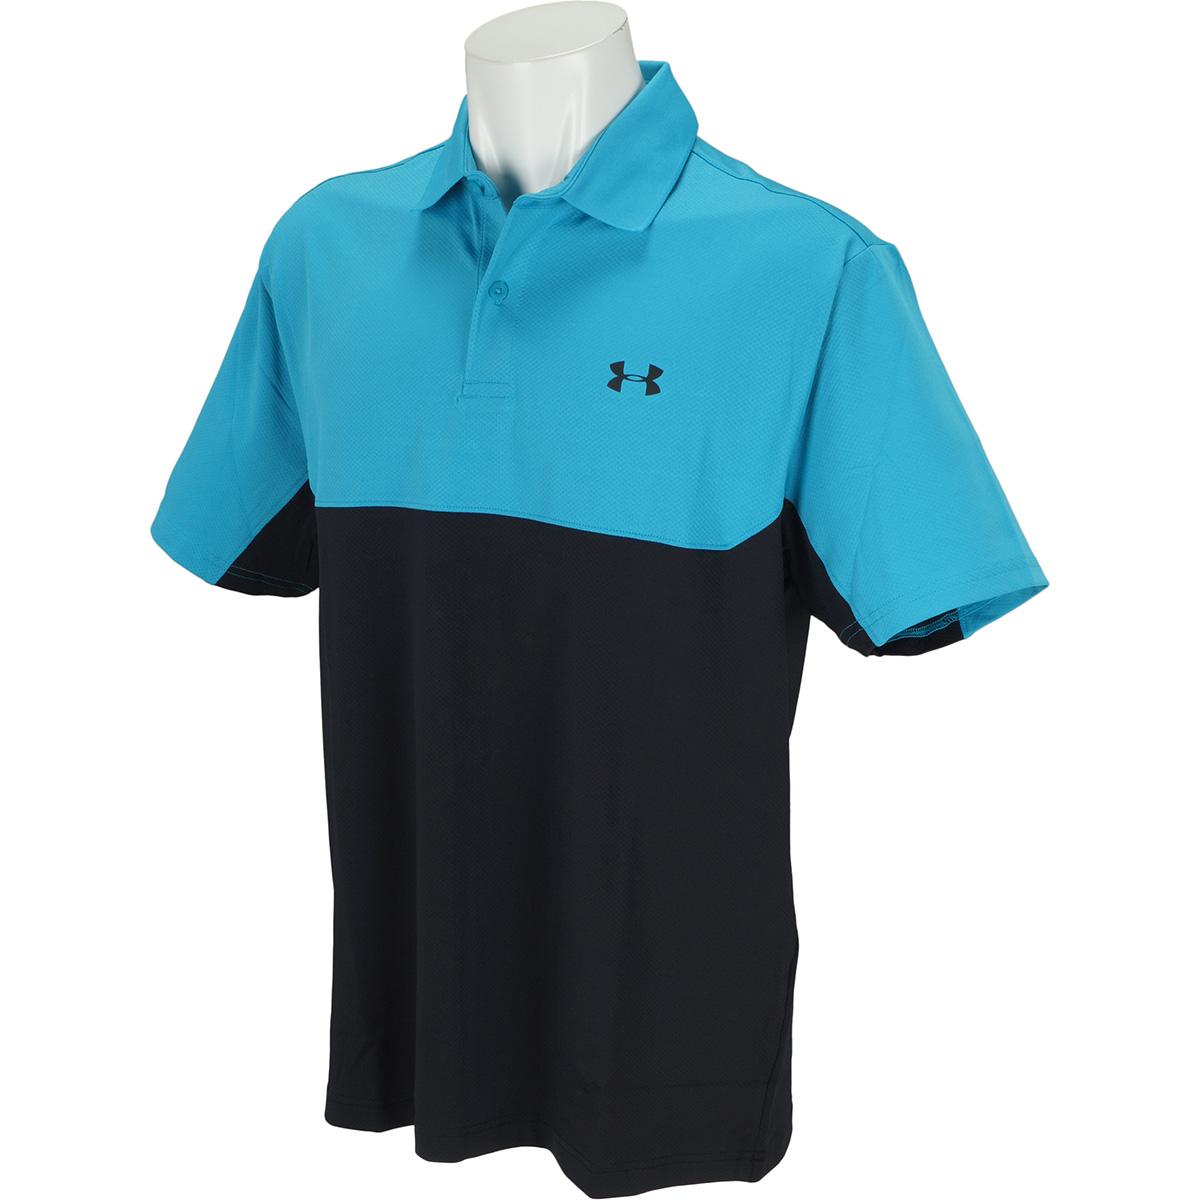 UA 2.0 カラーブロック パフォーマンス半袖ポロシャツ